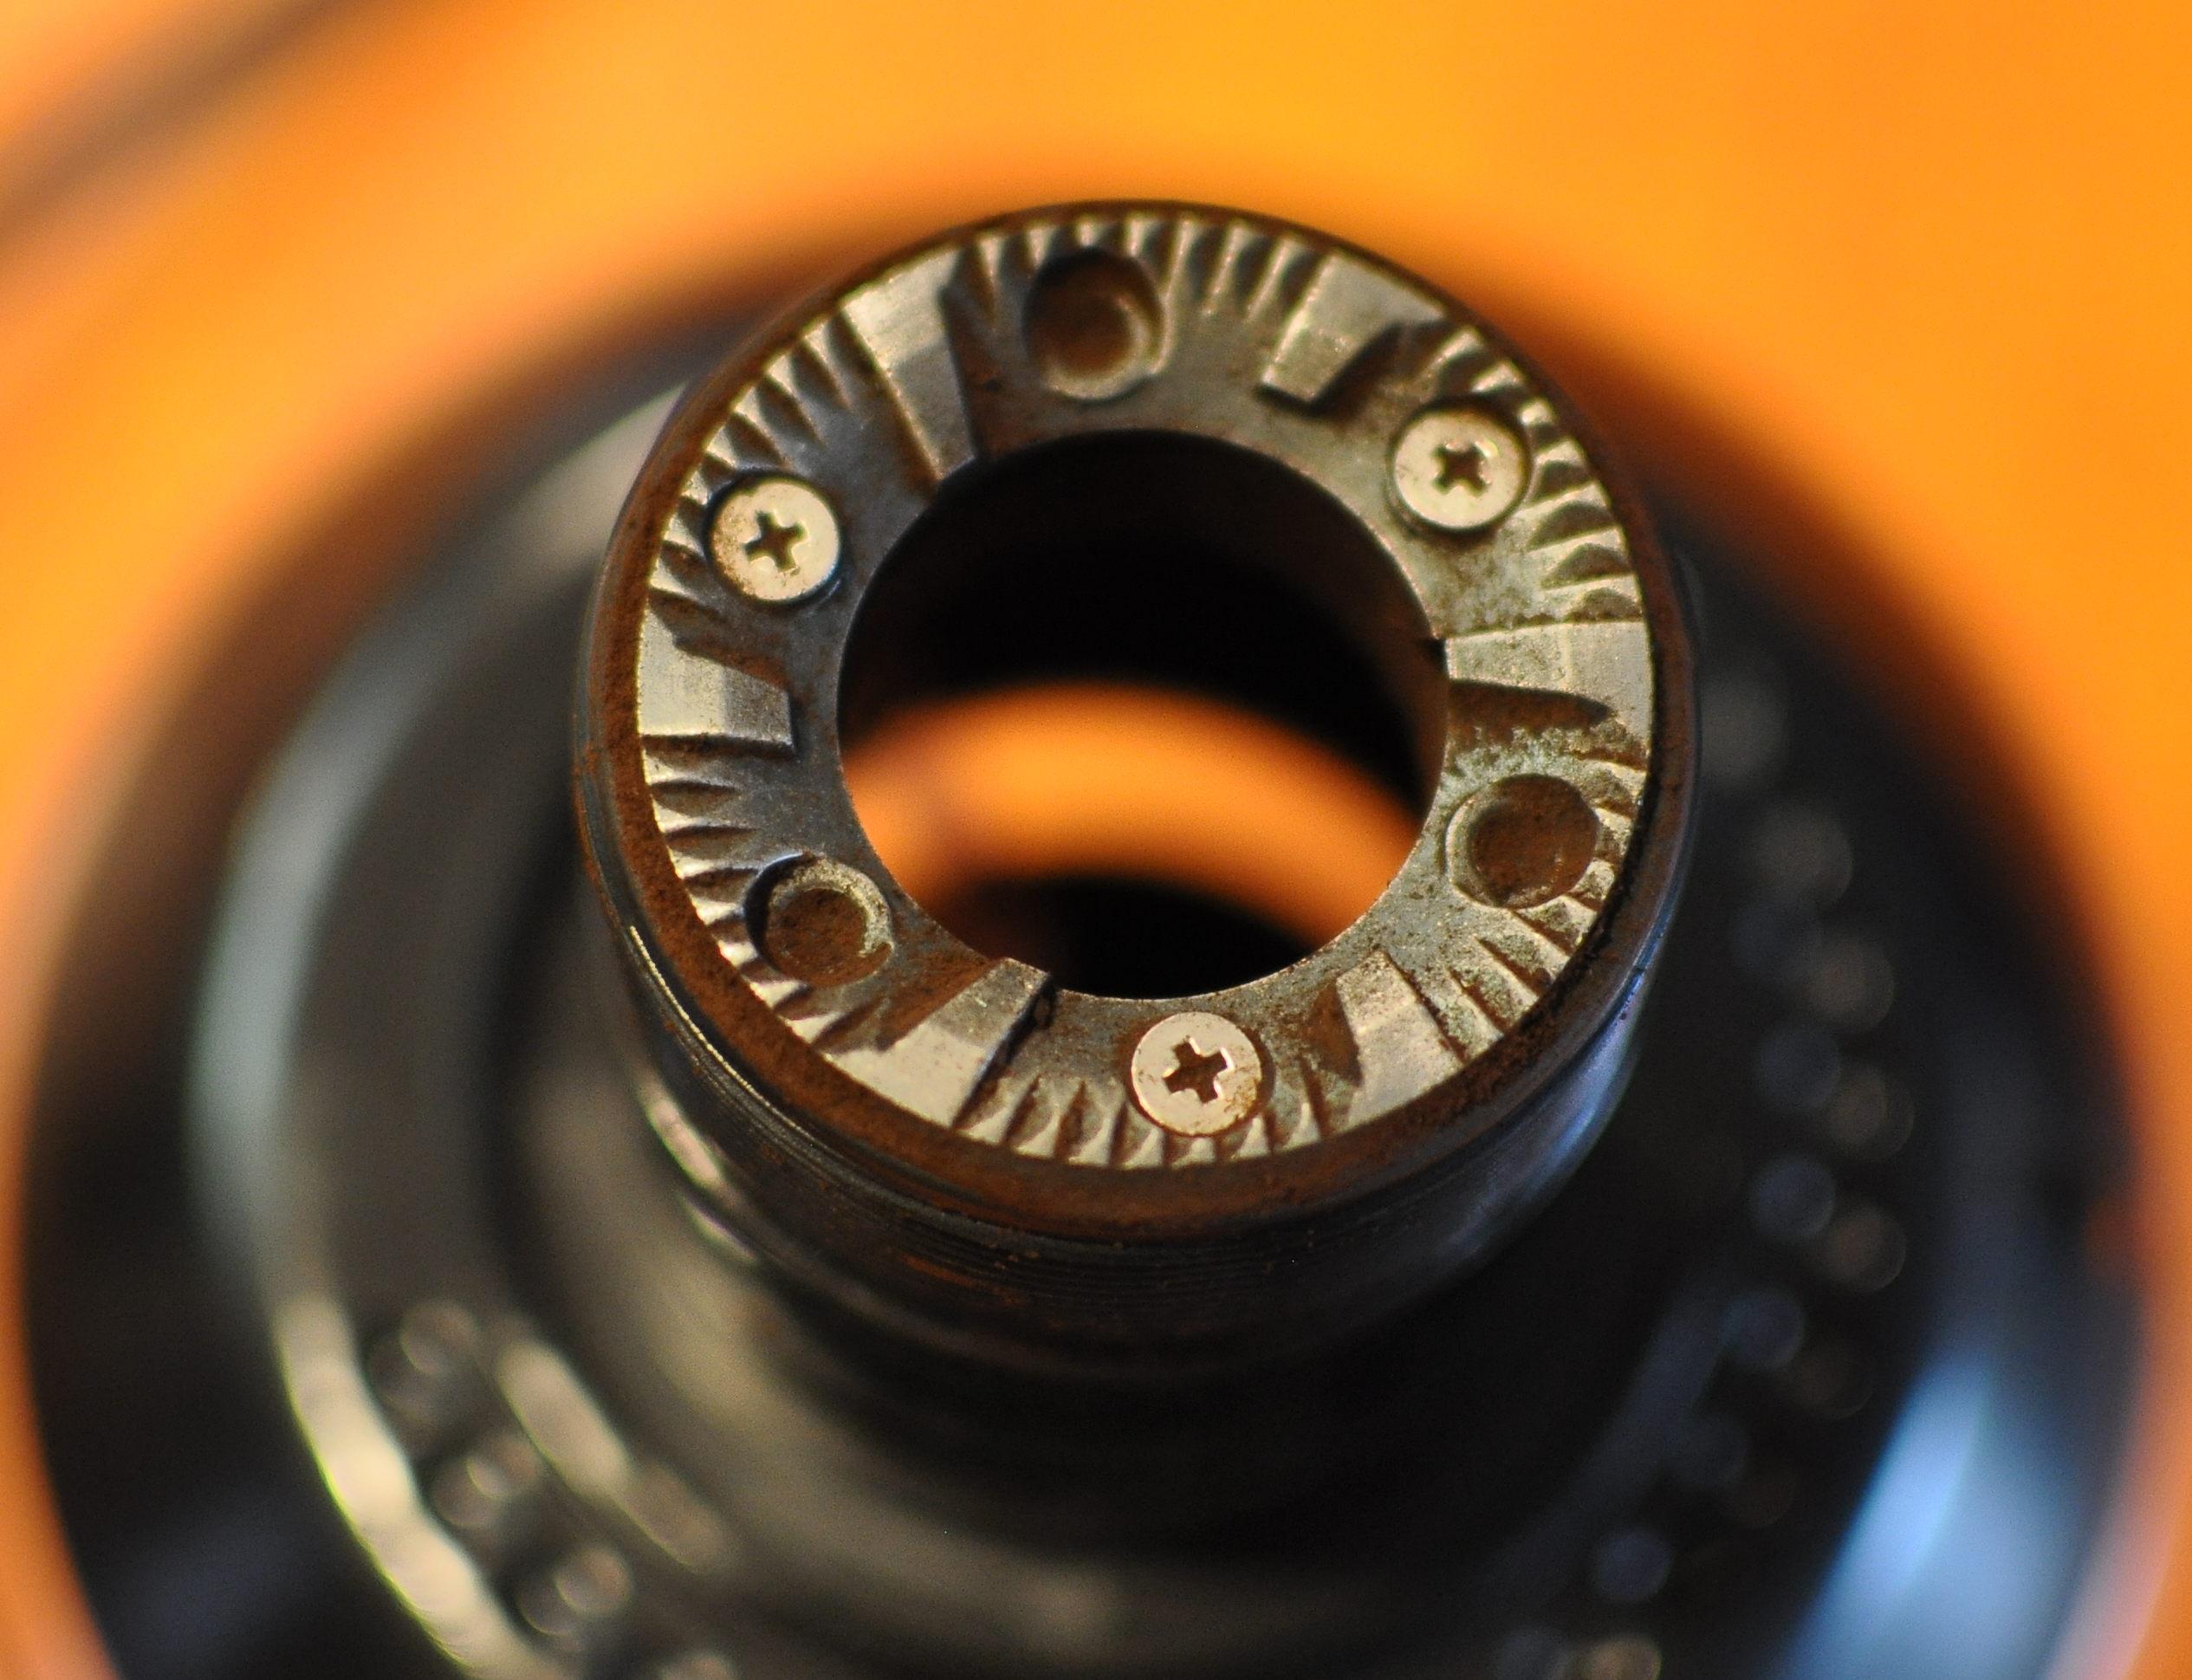 Worn out coffee grinder blades